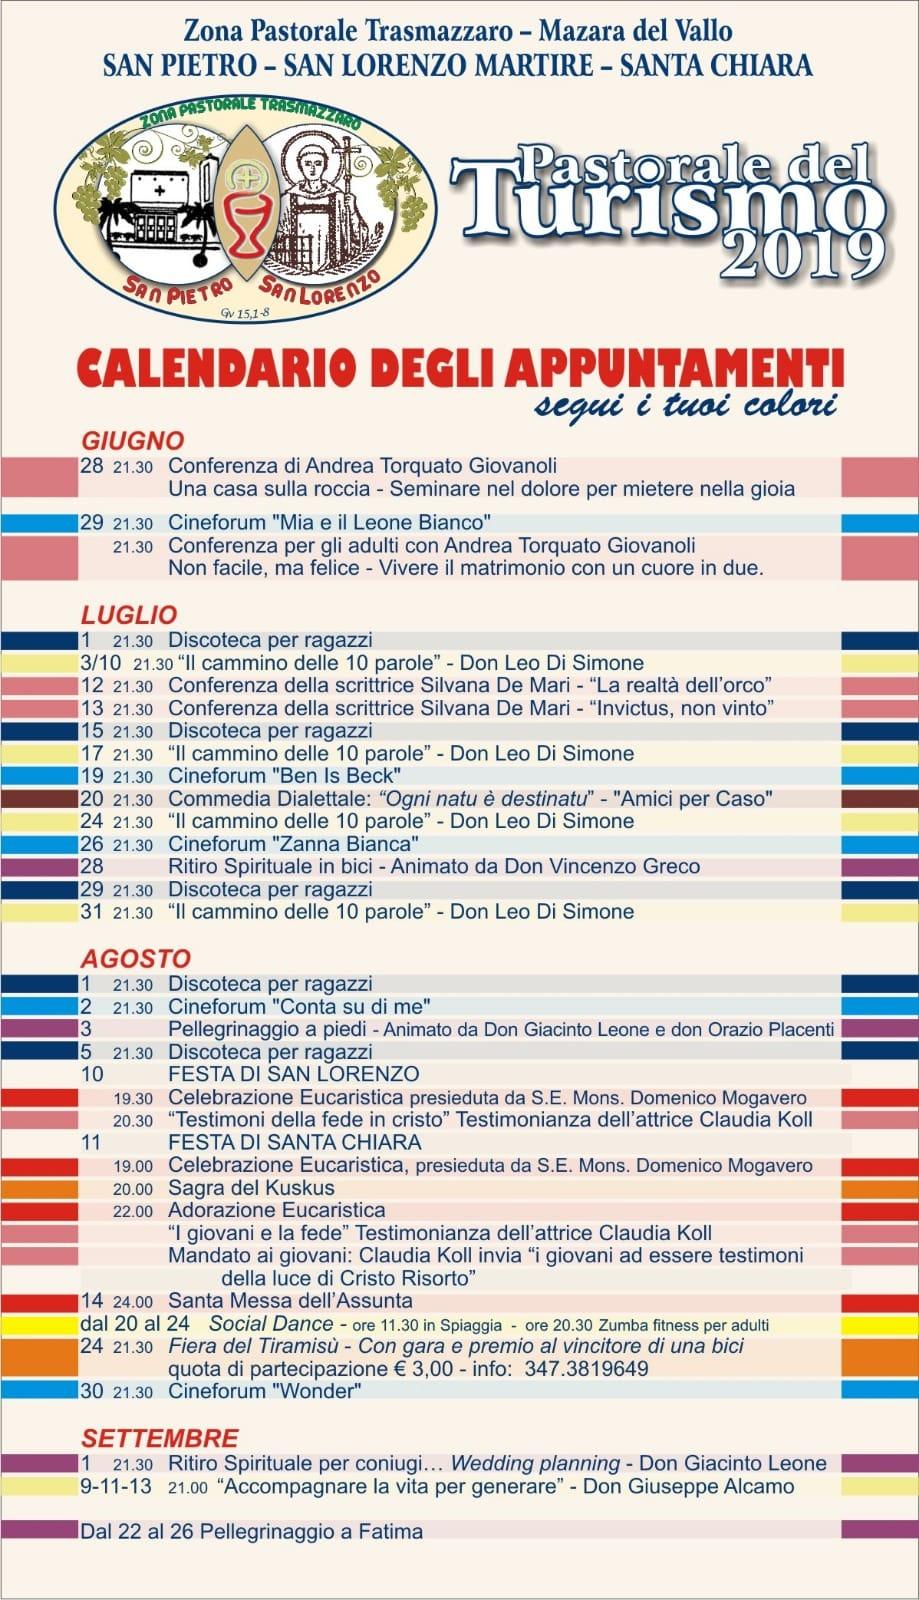 Calendario Pastorale 2020.Agenda Diocesi Mazara Del Vallo